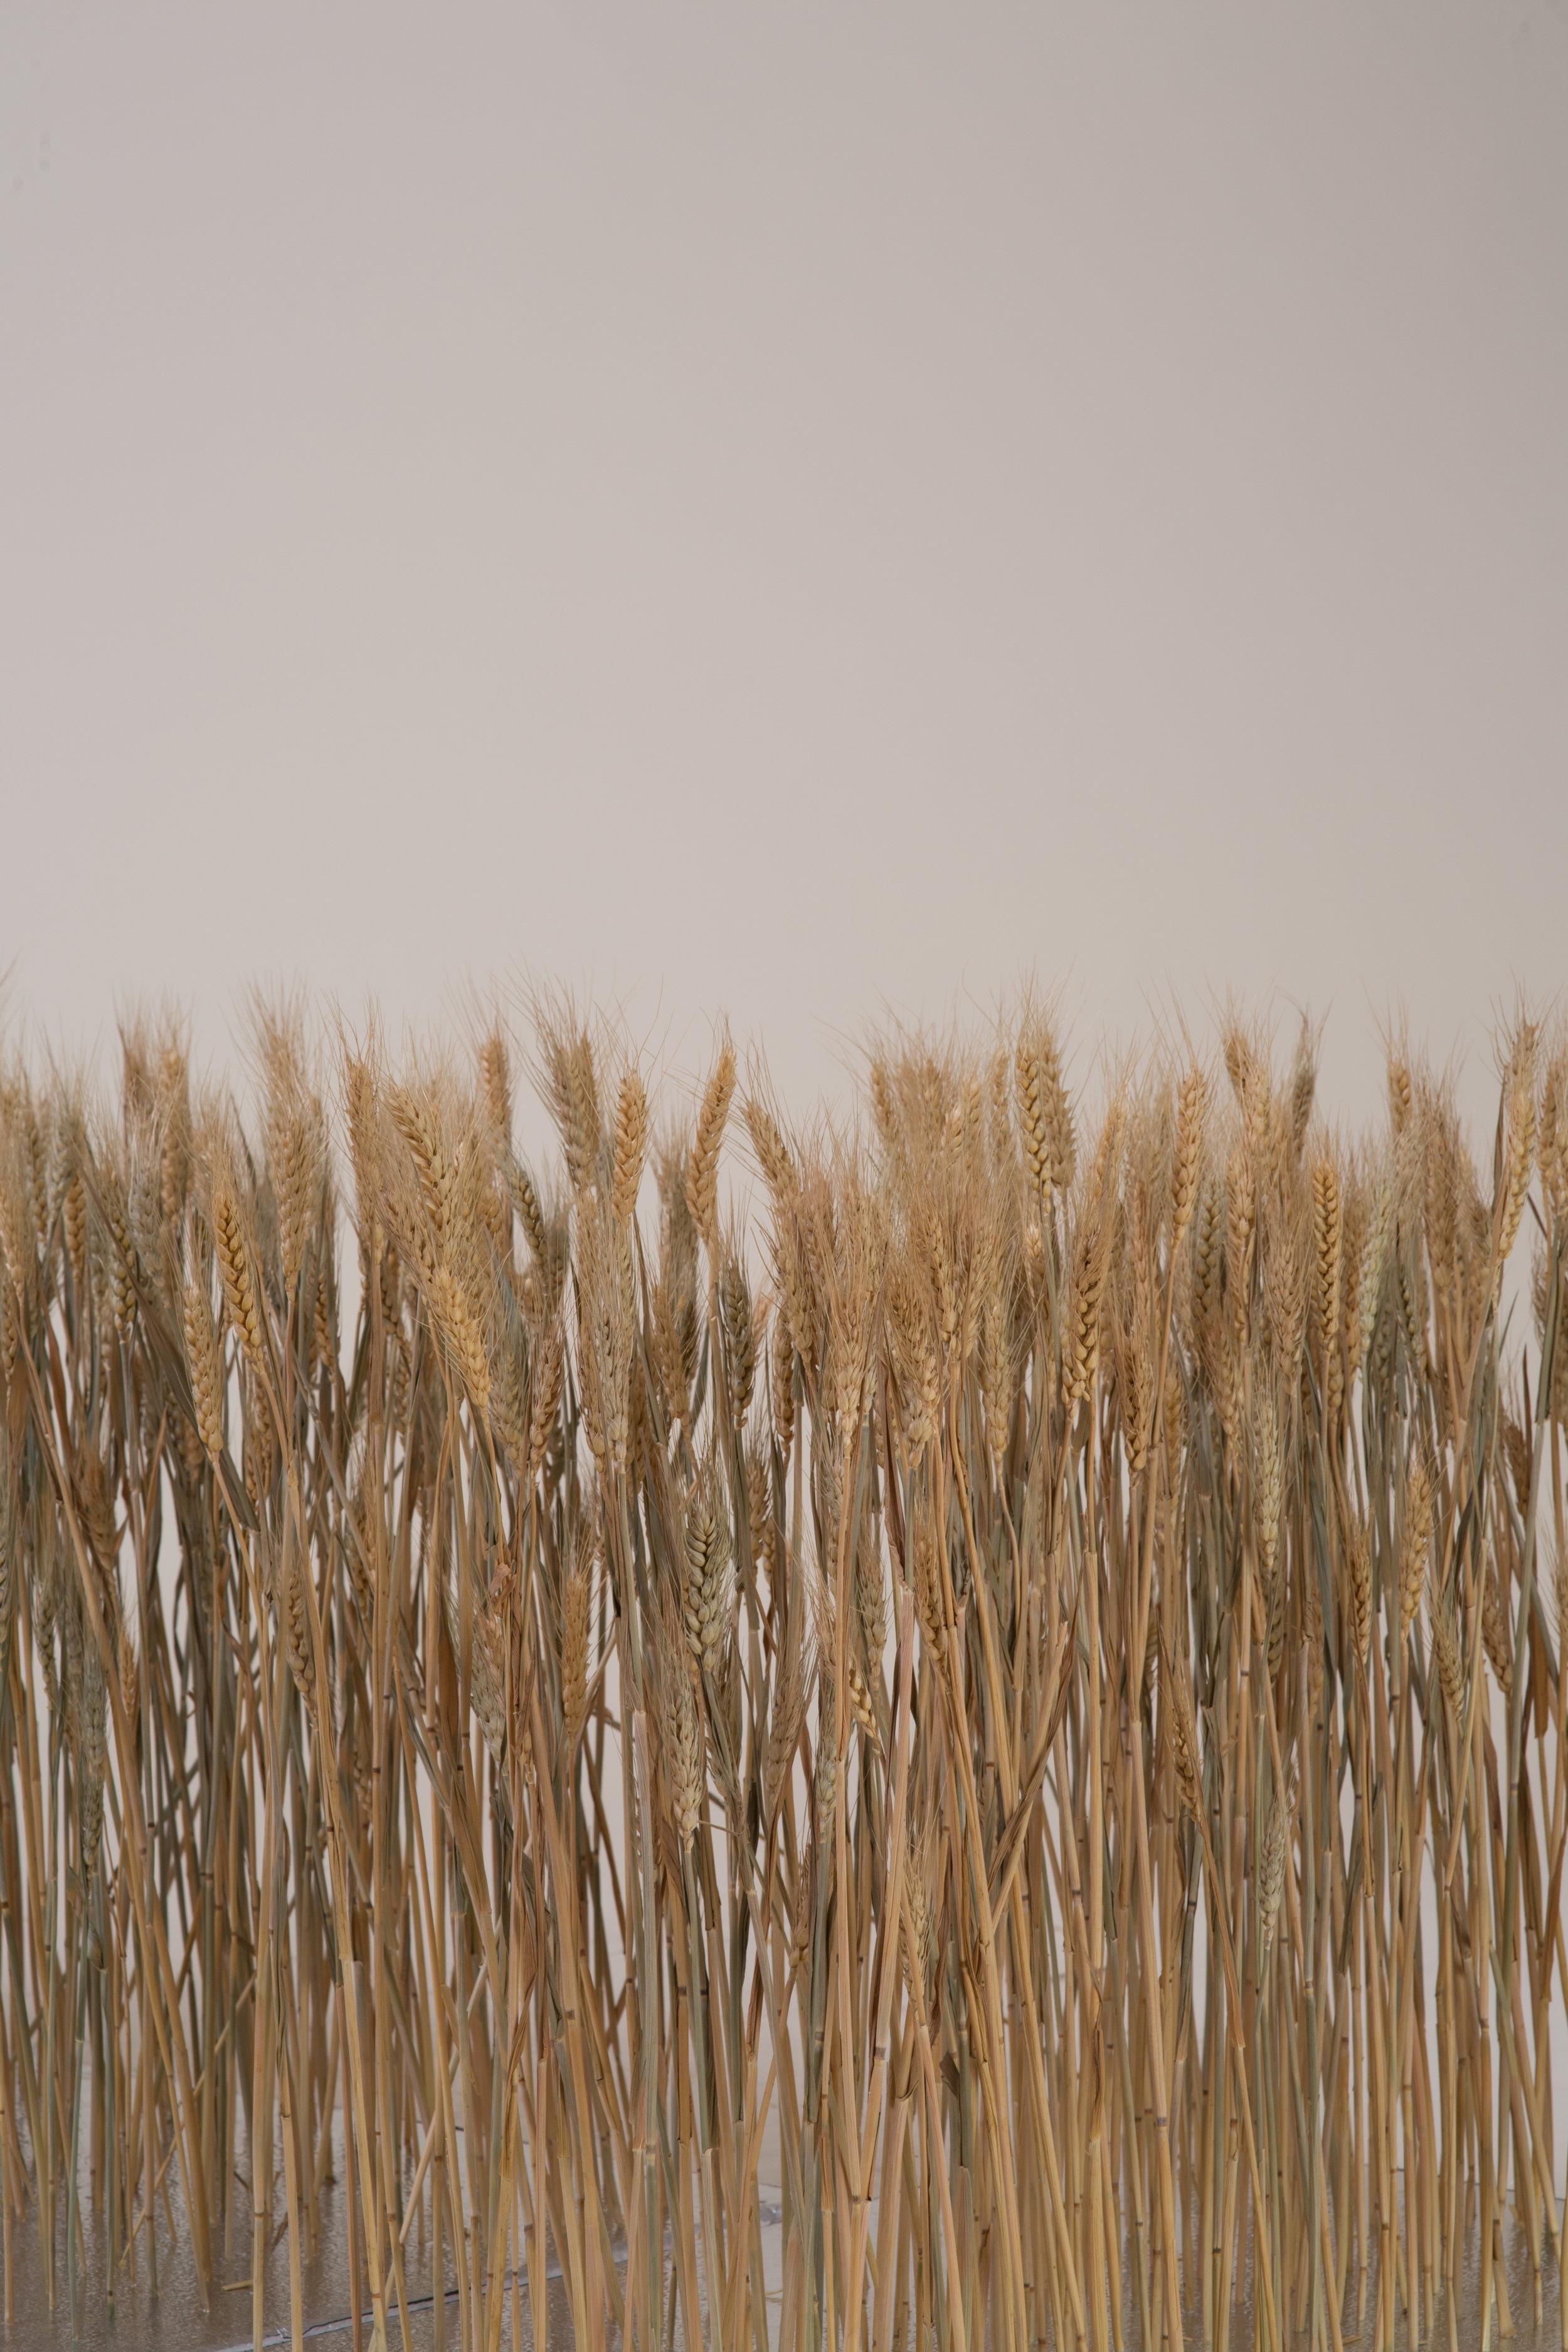 VV_SS18_wheat-652.jpg